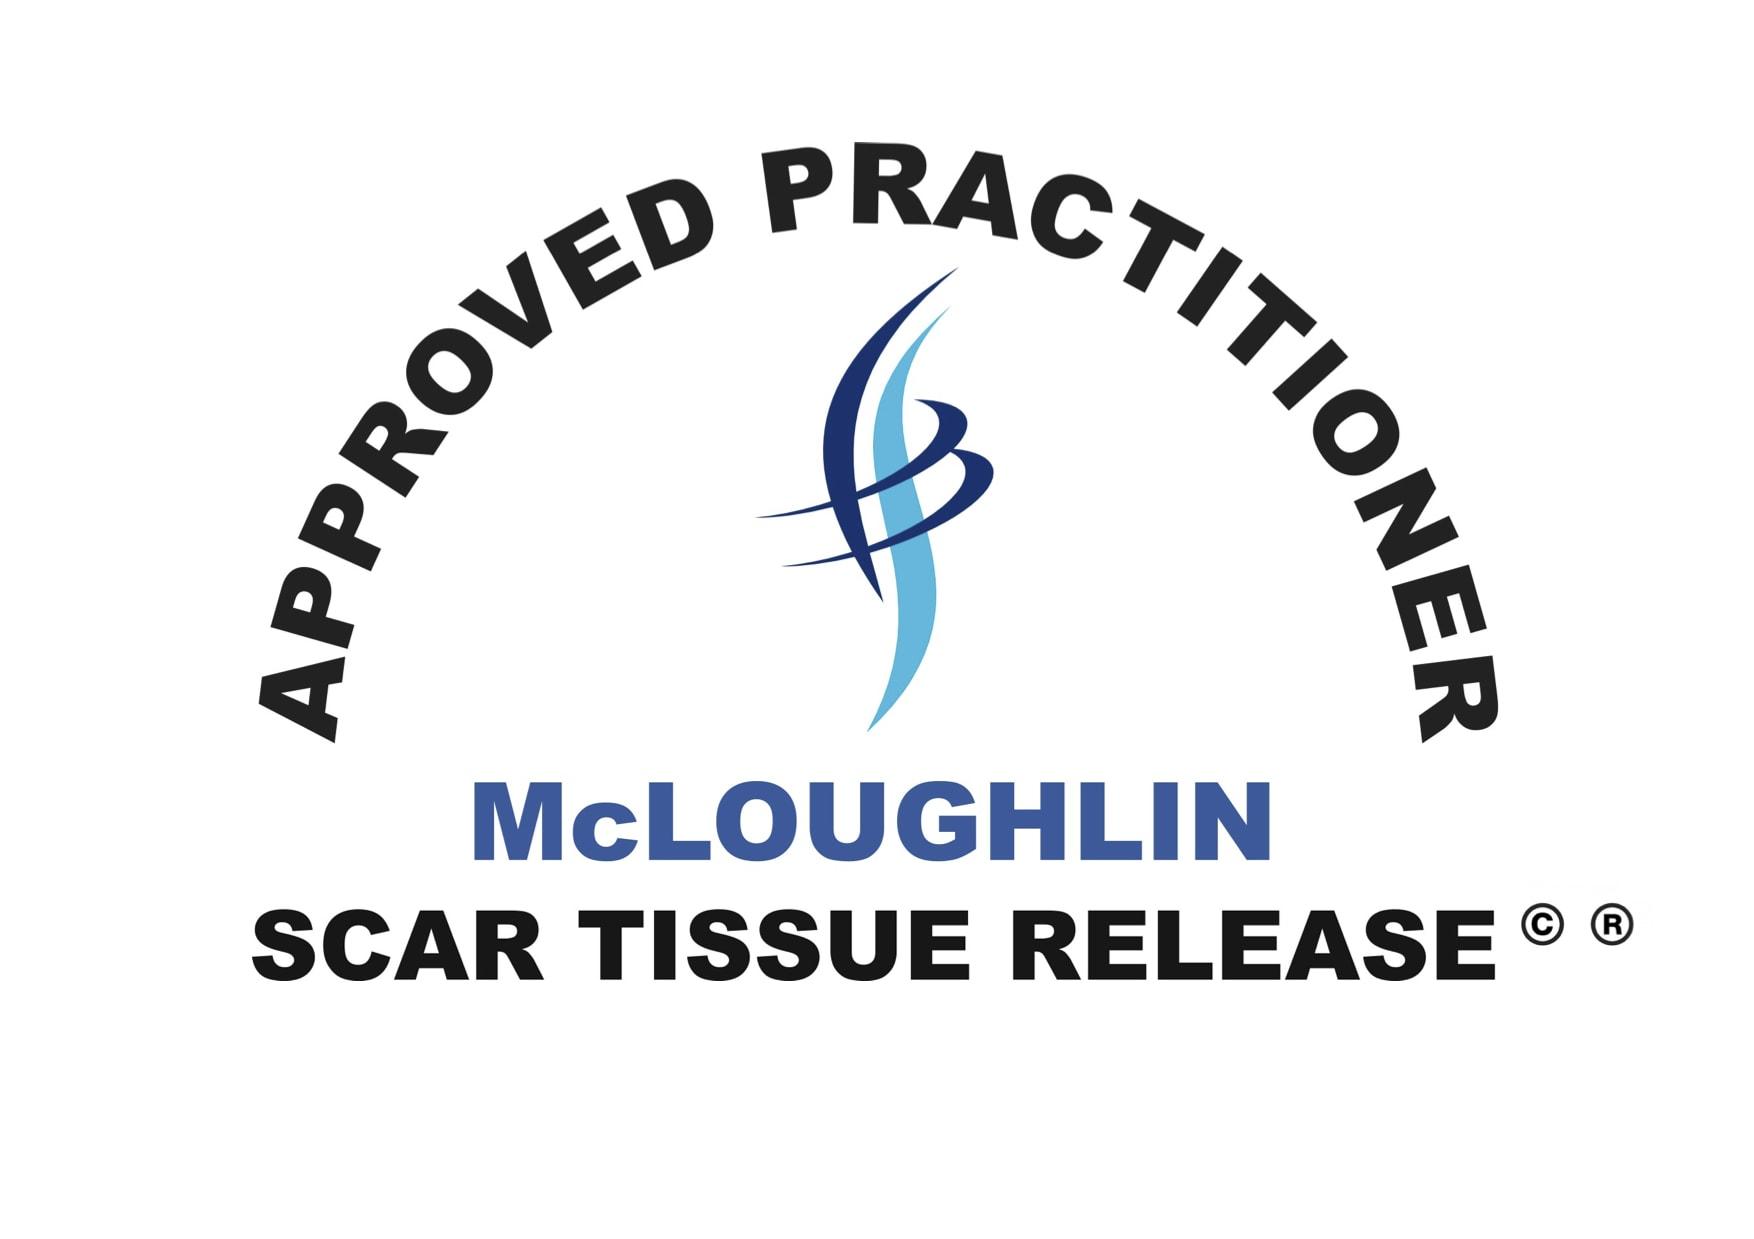 McLoughlin Scar Tissue Release: MSTR